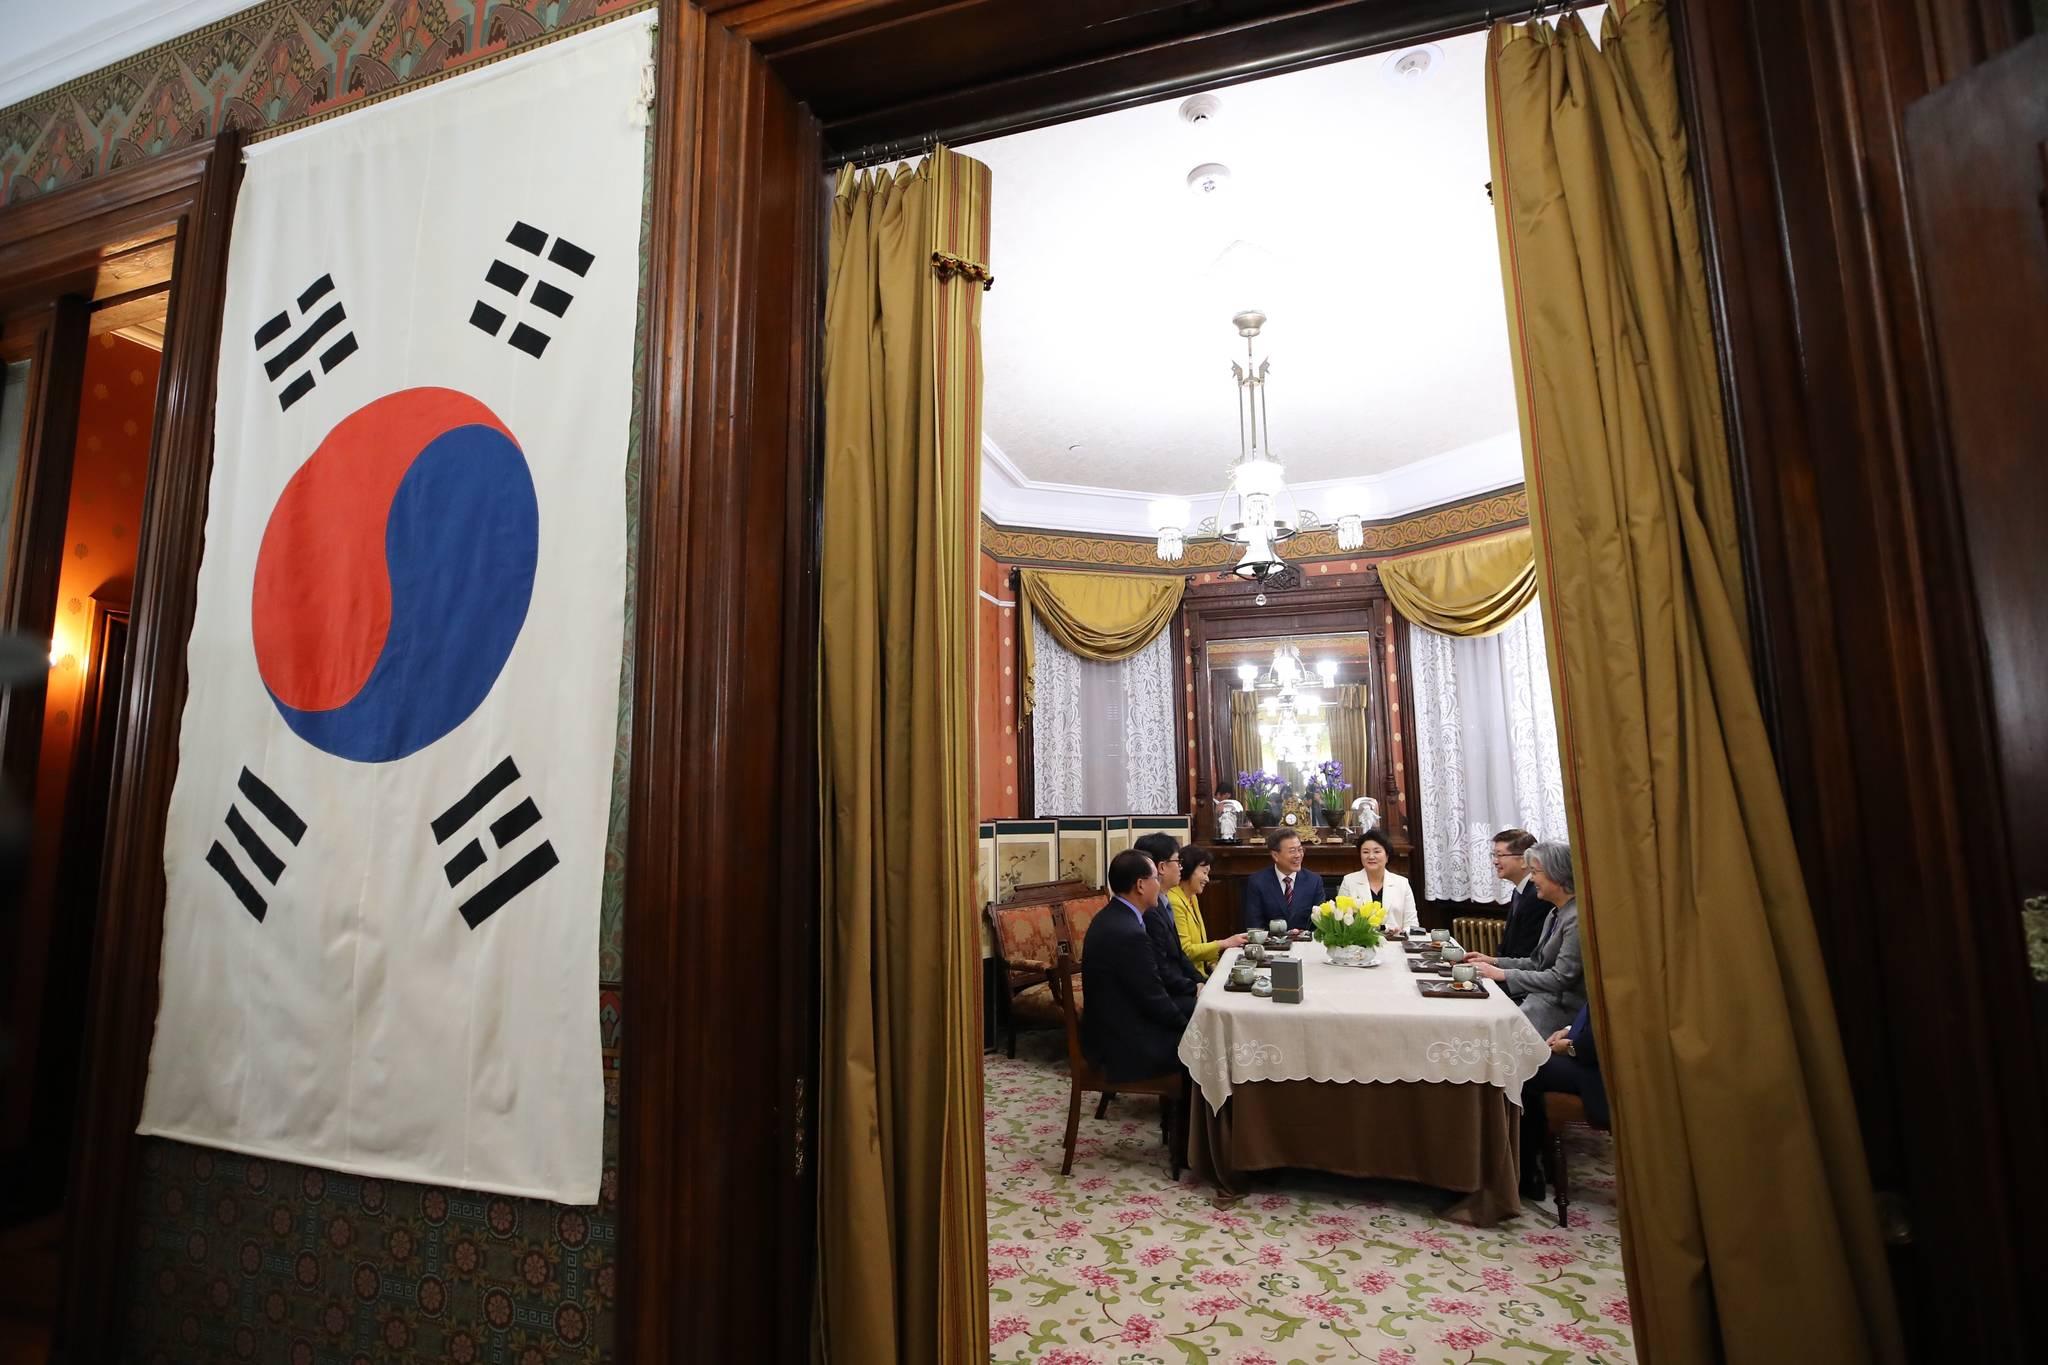 공사관 내부에 걸려있는 태극기. 1905년 을사늑약으로 외교권을 잃으며 공관은 폐쇄된 이후 113년 만에 태극기가 걸렸다. 김상선 기자